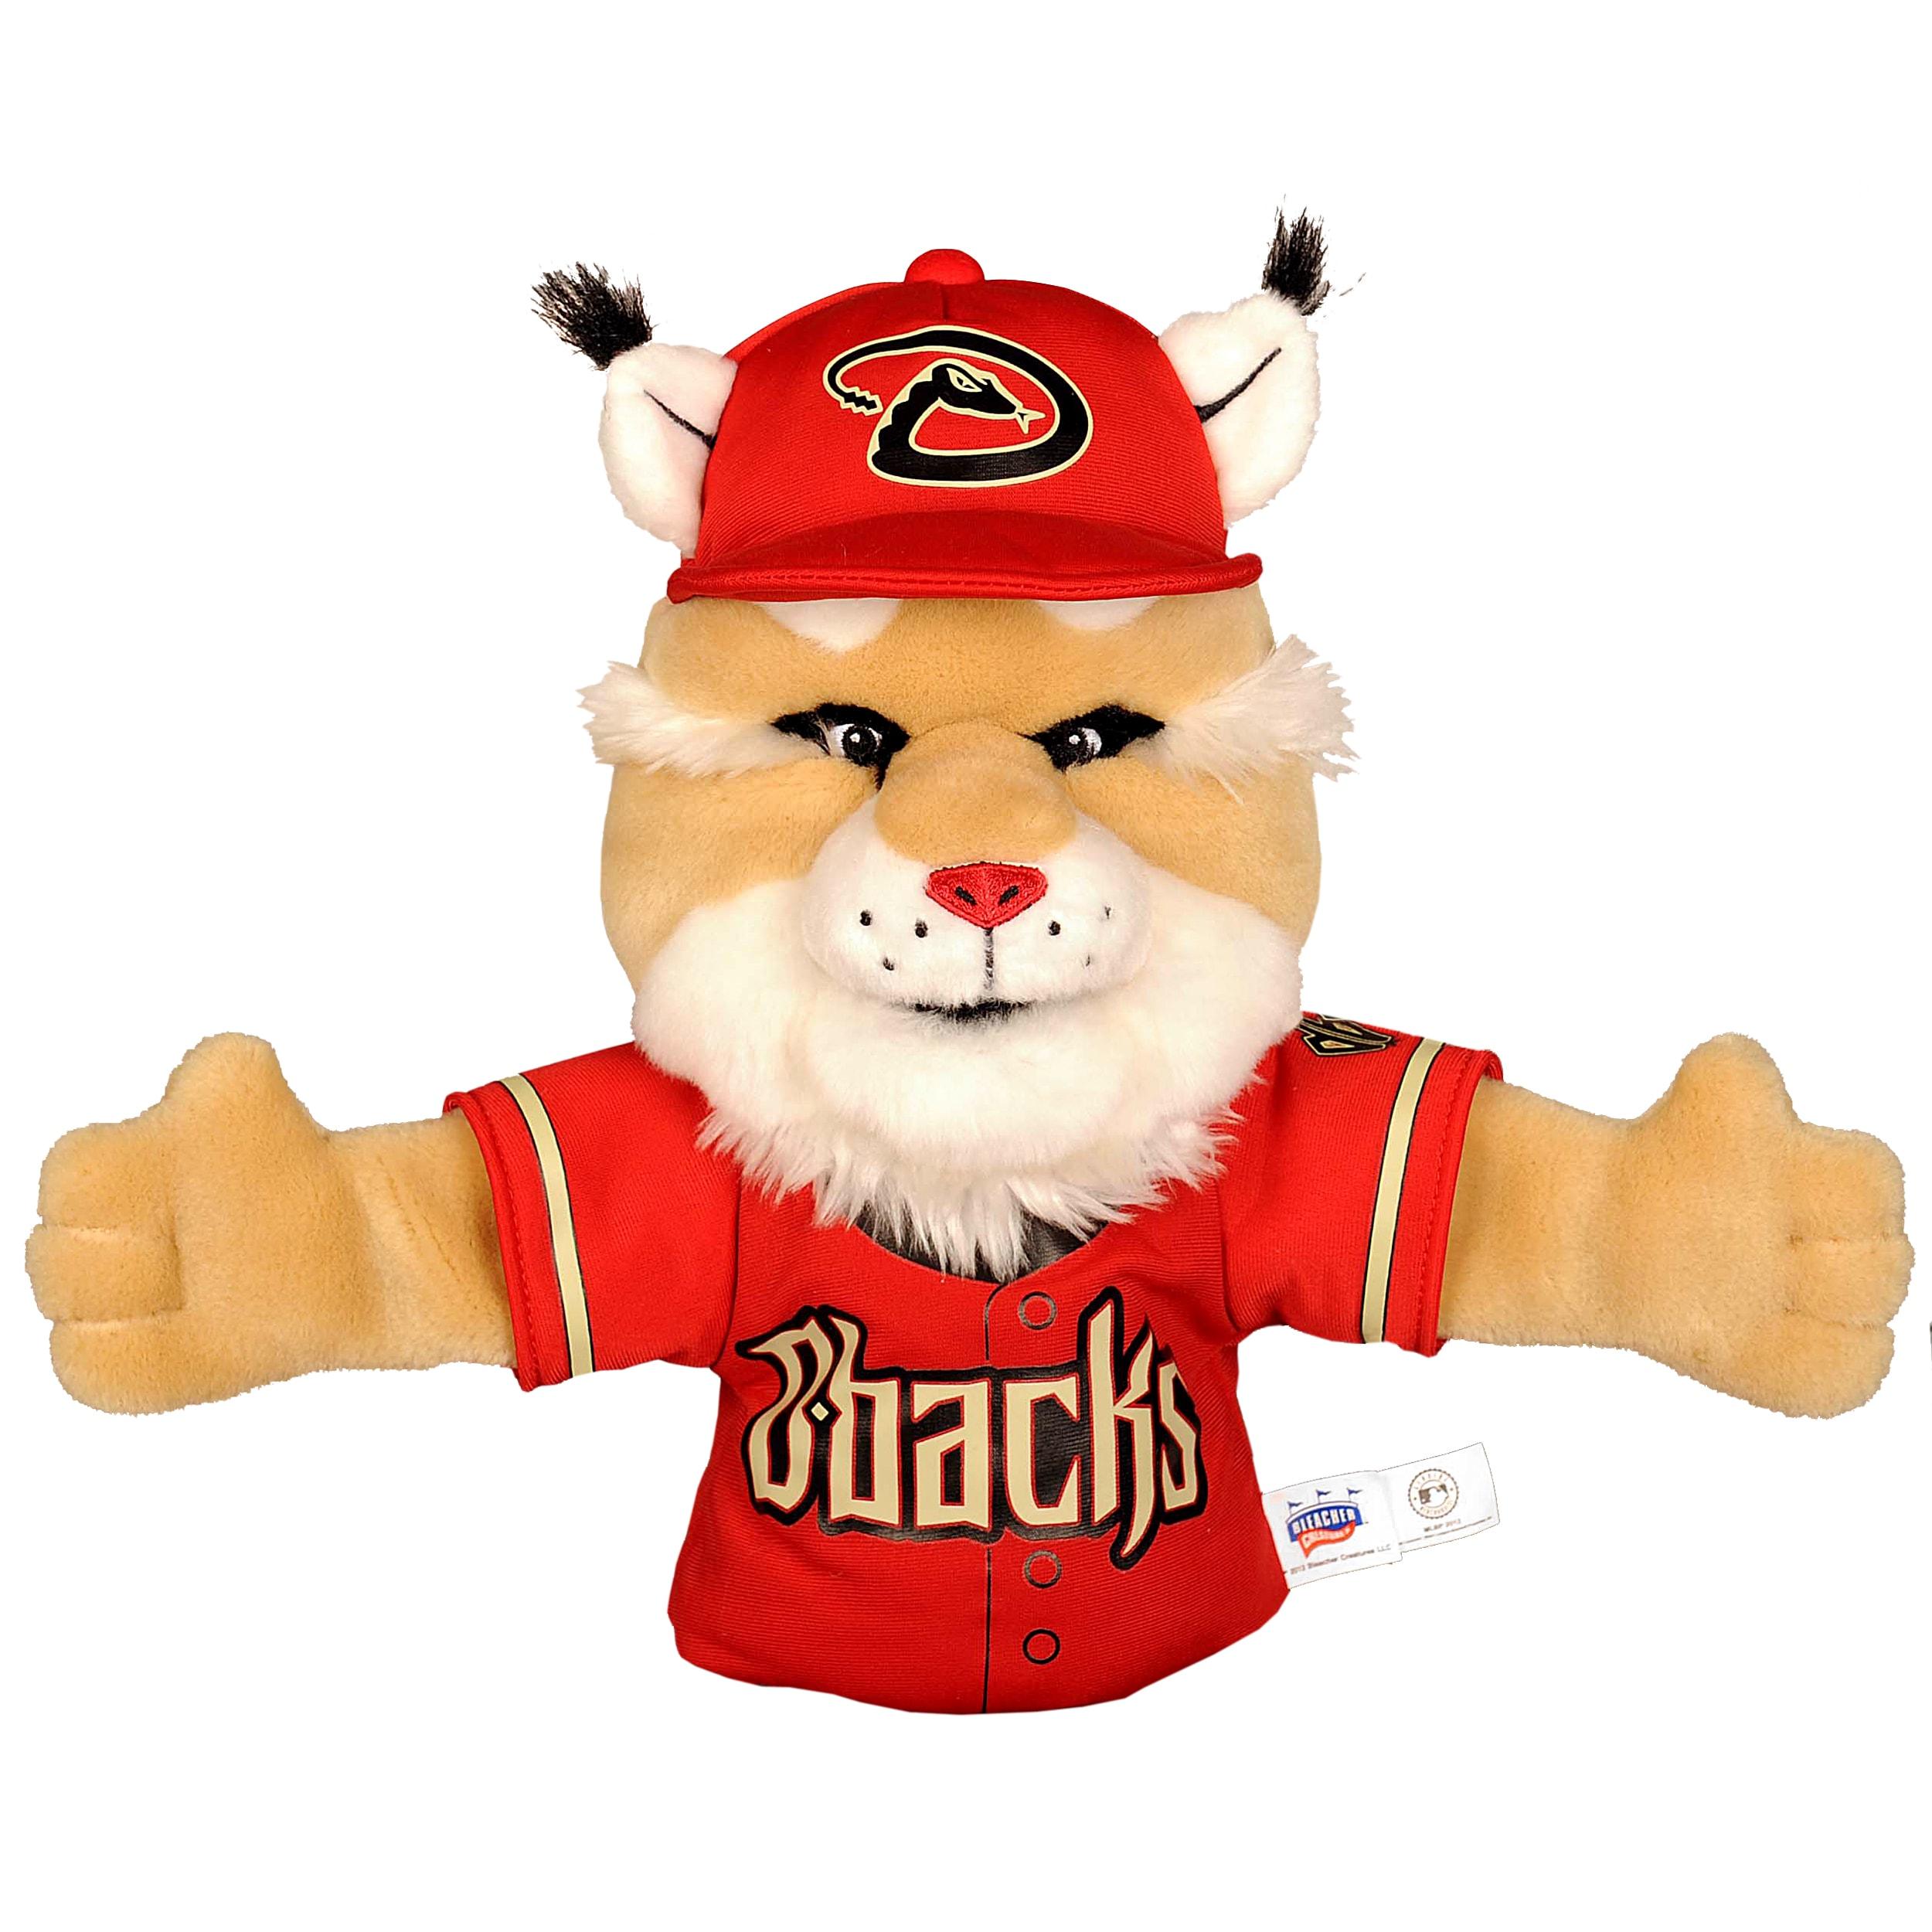 Arizona Diamondbacks 'Baxter Bobcat' Mascot Hand Puppet